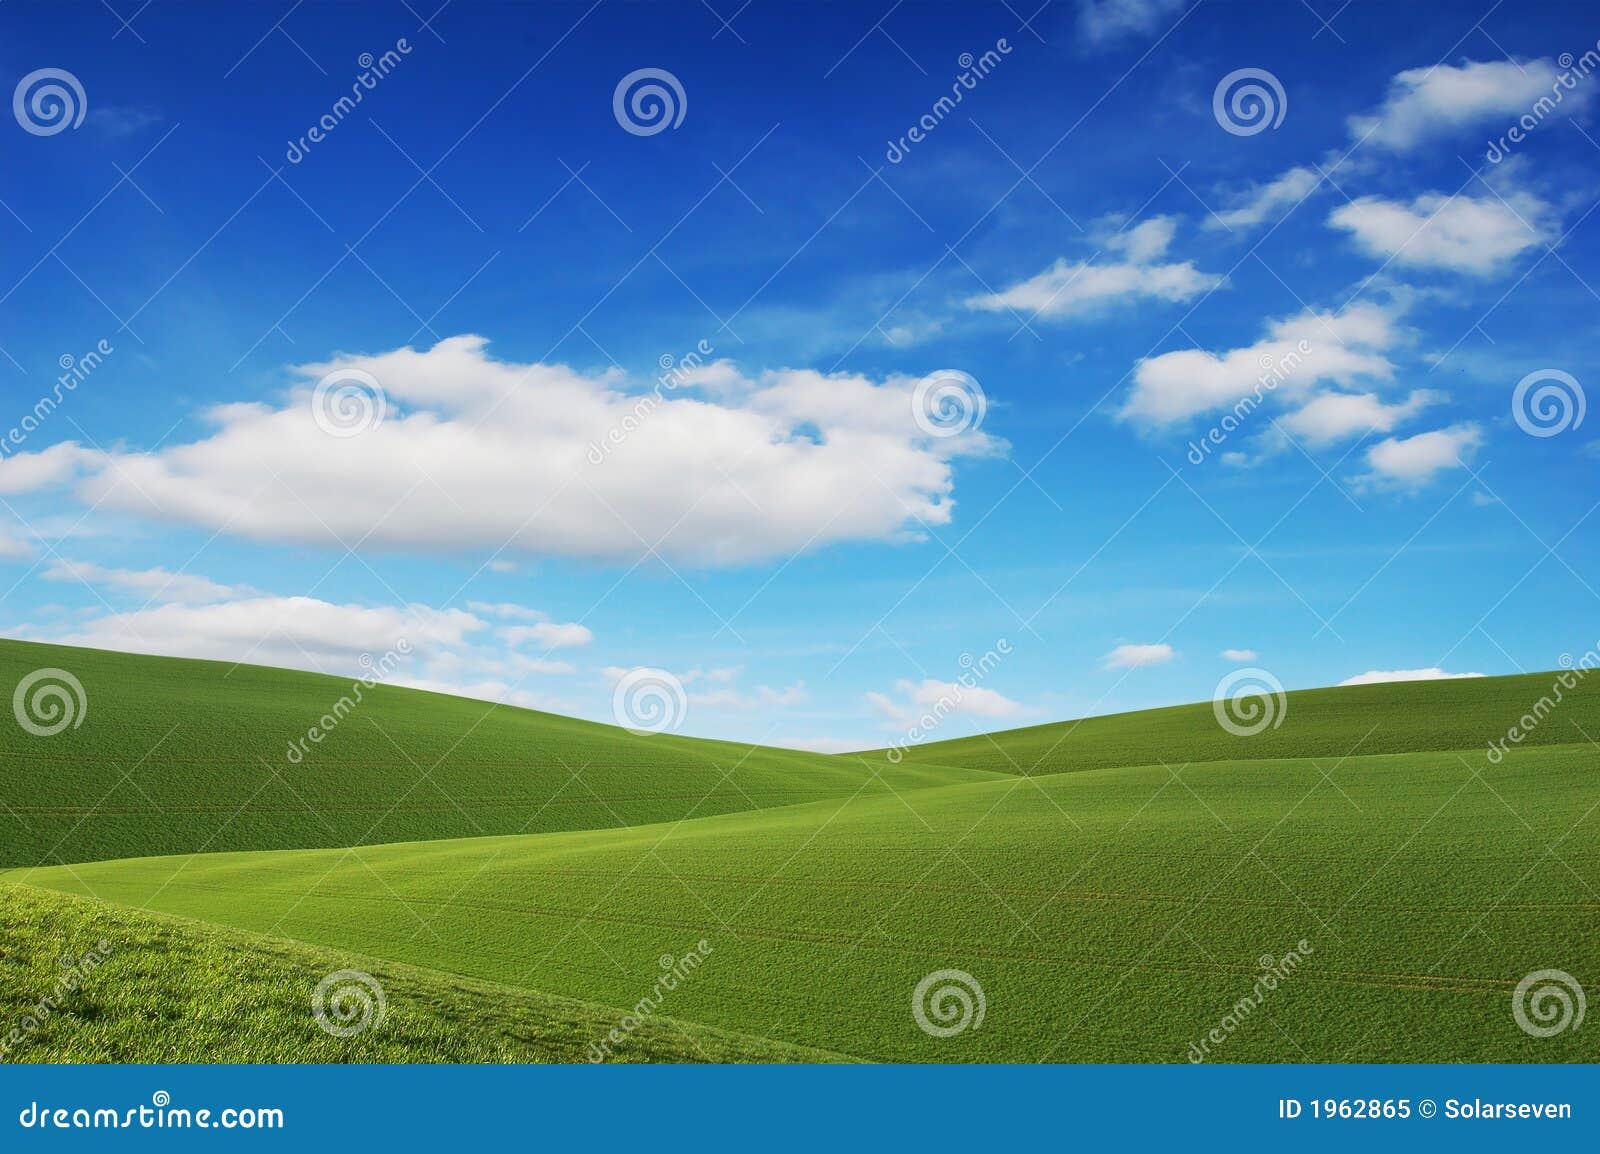 Blue Sky, Green Fields